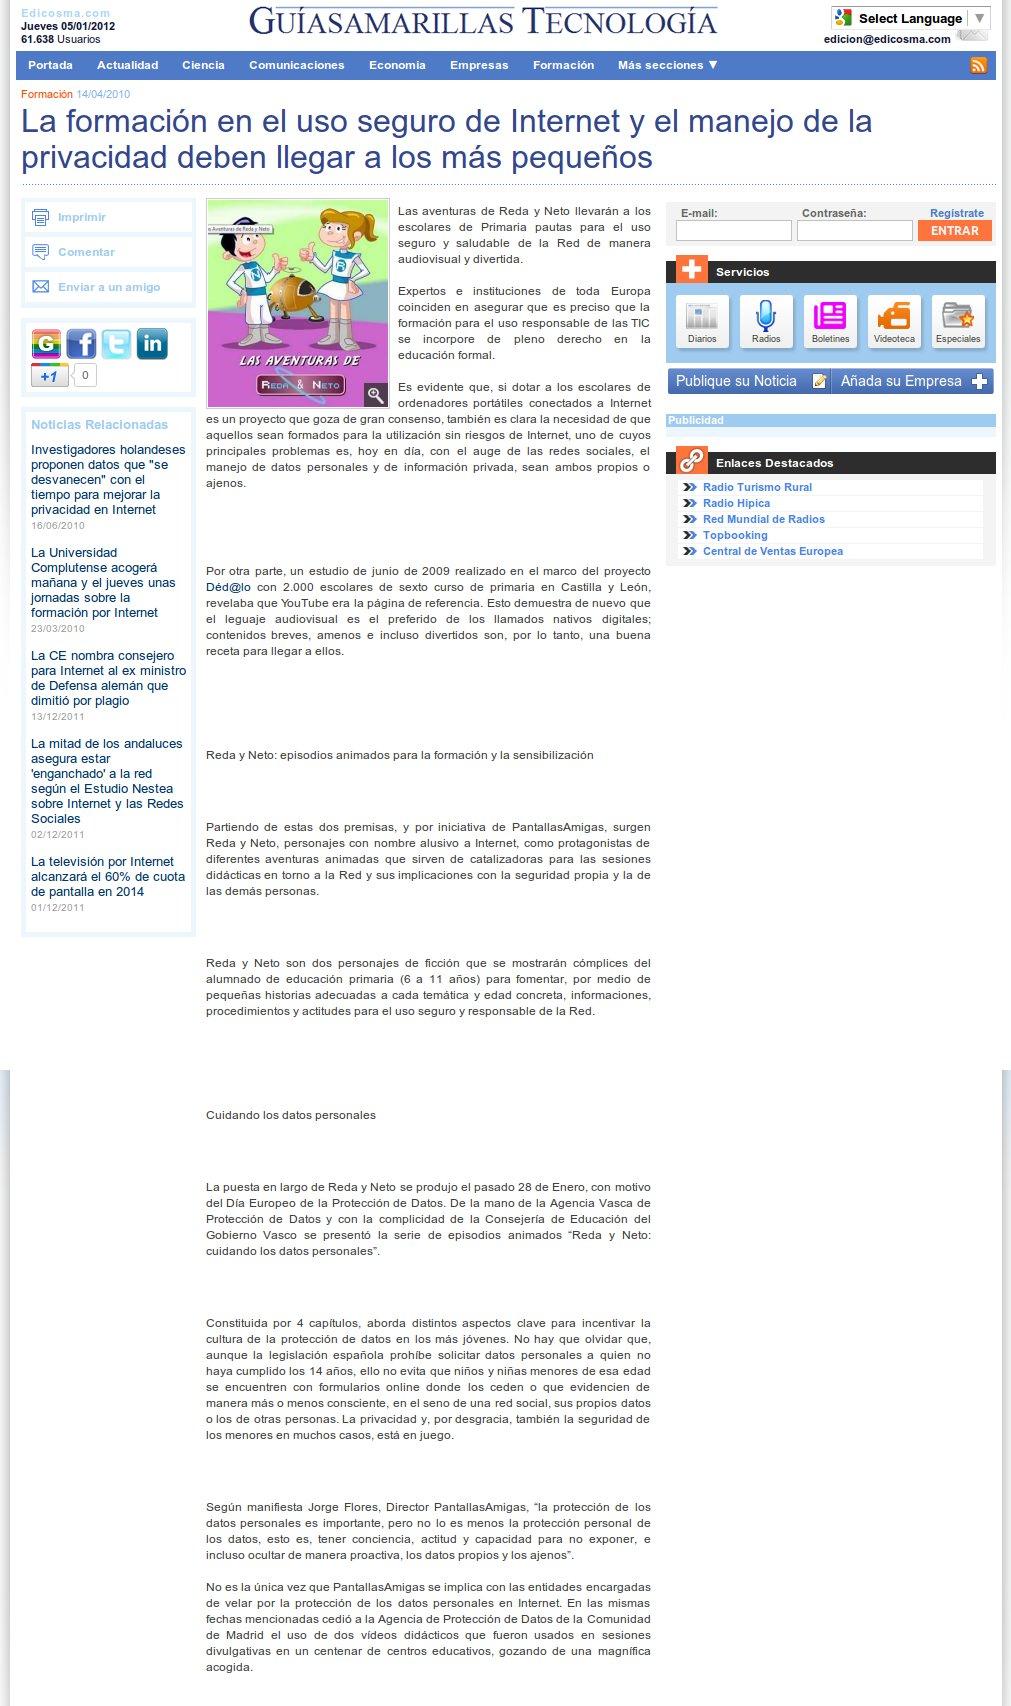 20100414-tecnologia-guiasamarillas-es-capturado20120105